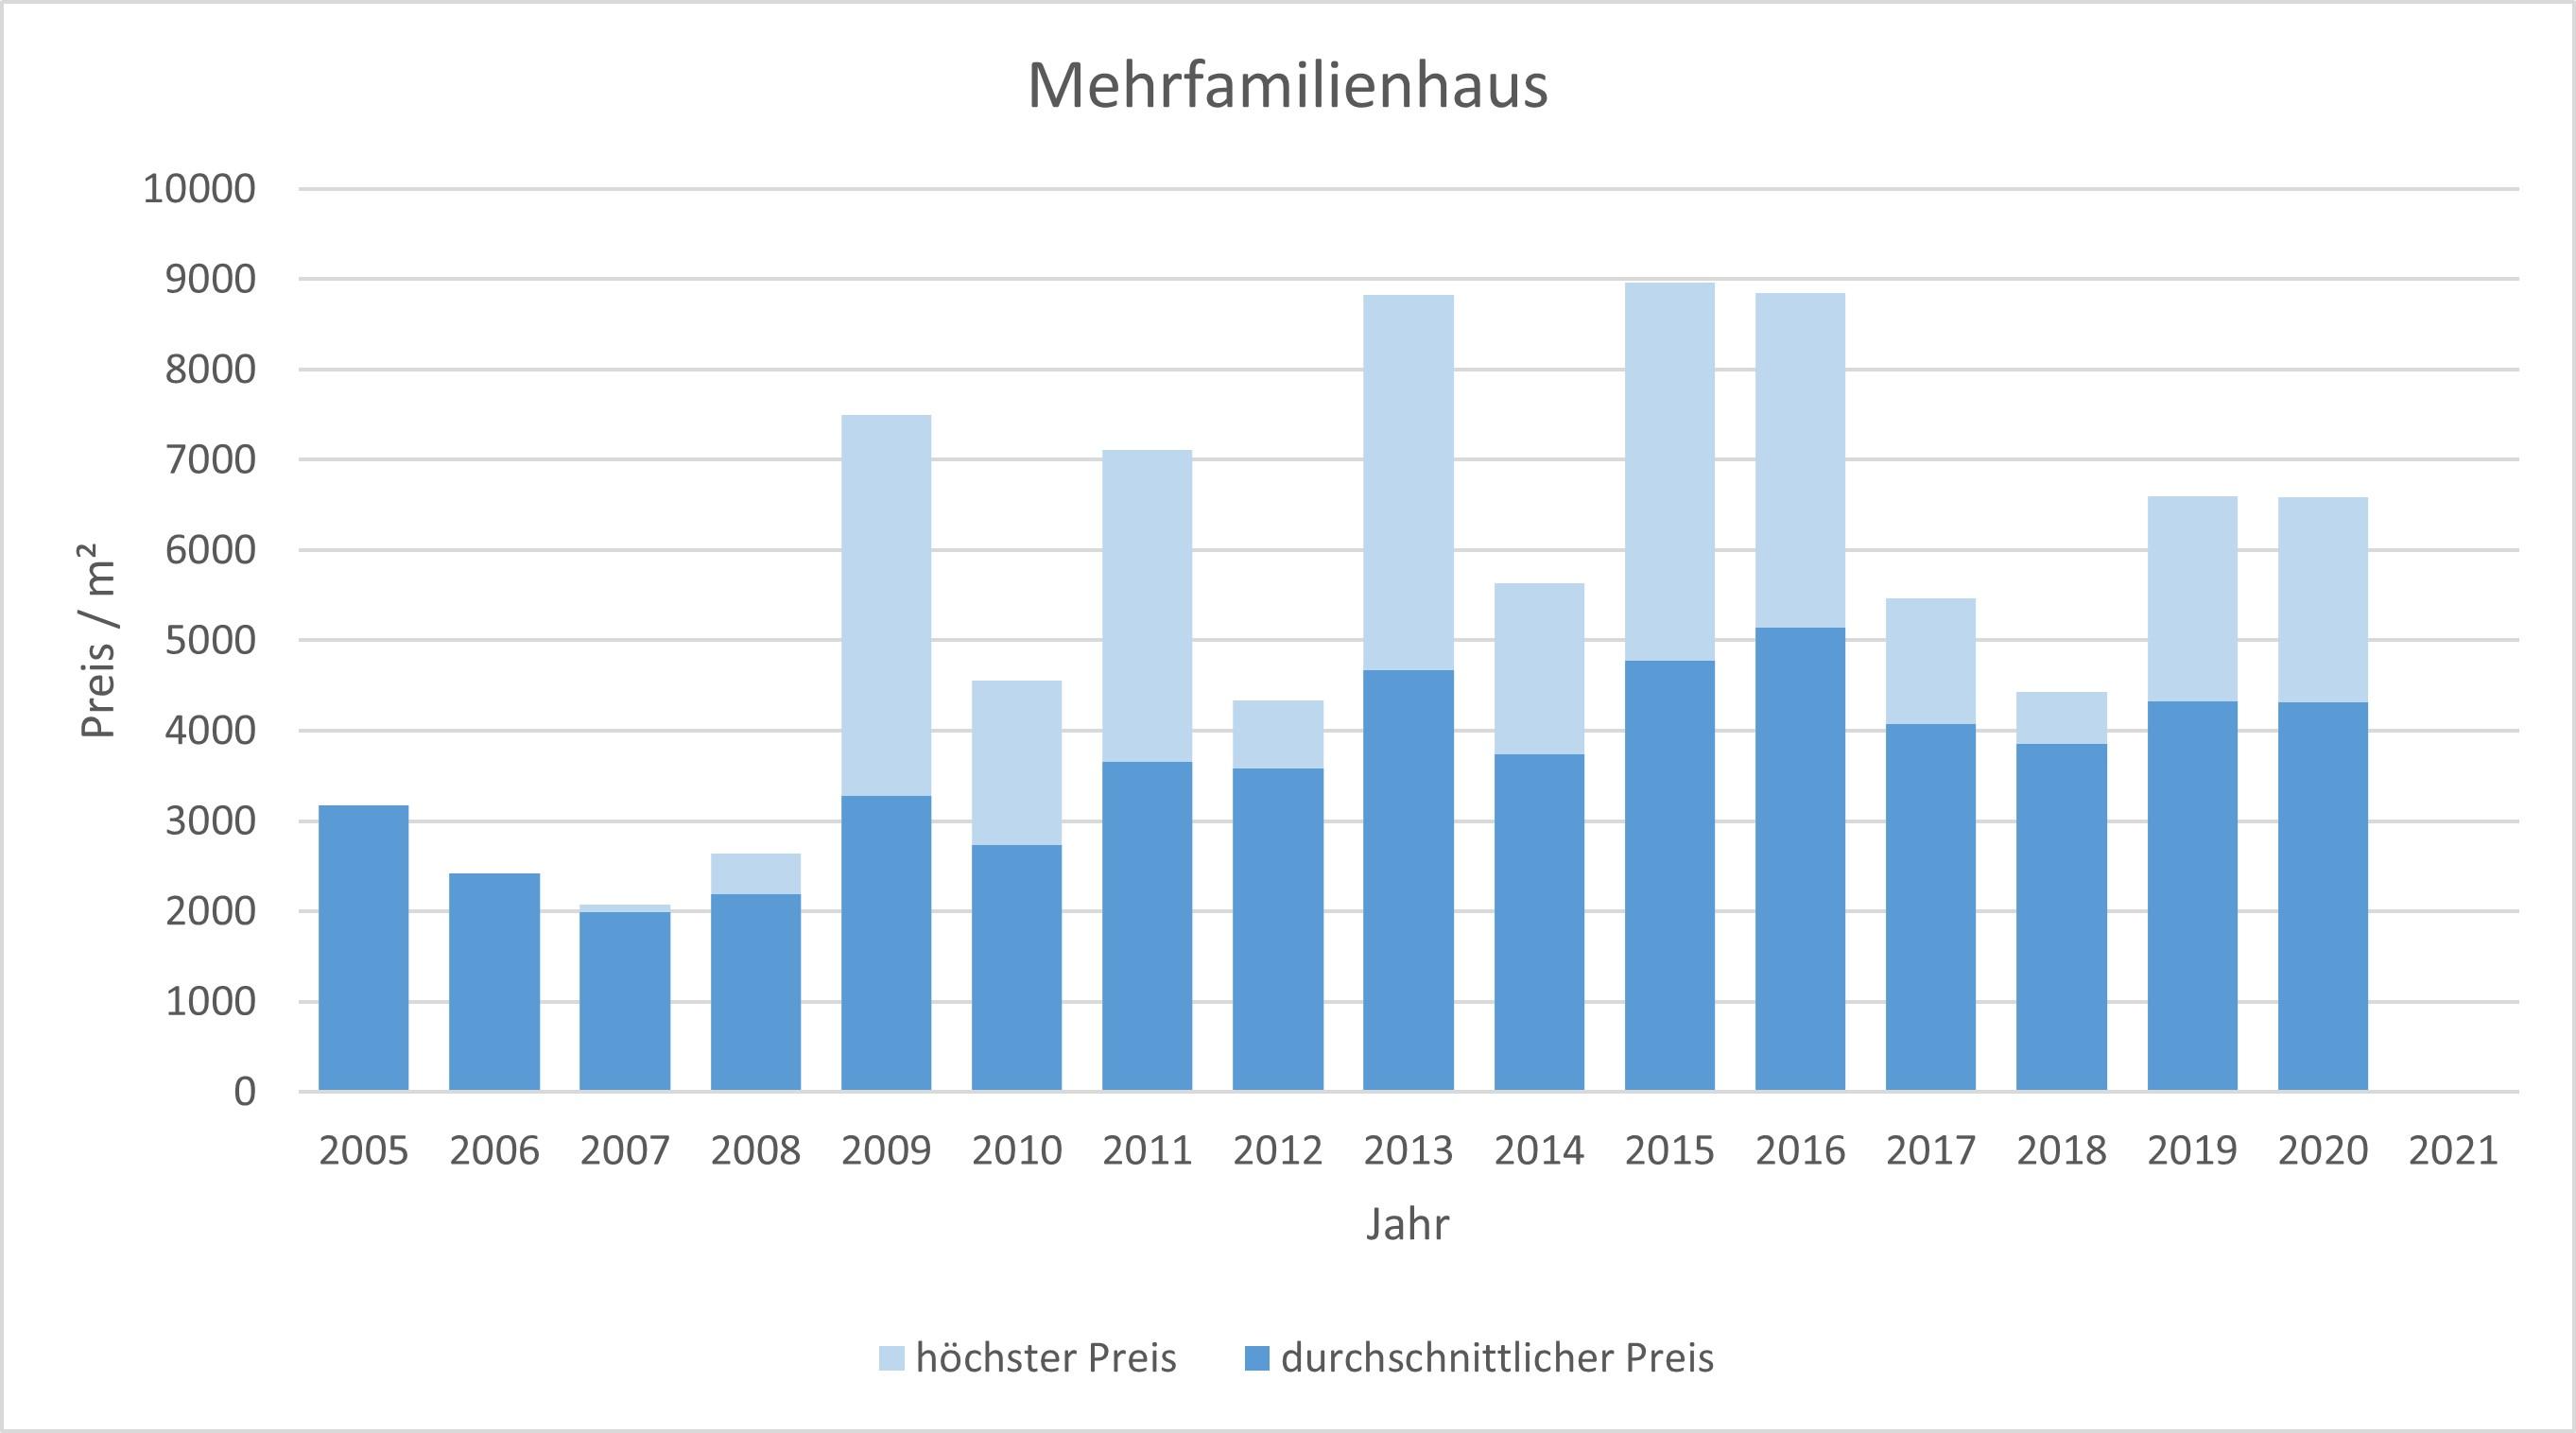 Tutzing Mehrfamilienhaus kaufen verkaufen Preis Bewertung Makler www.happy-immo.de 2019 2020 2021